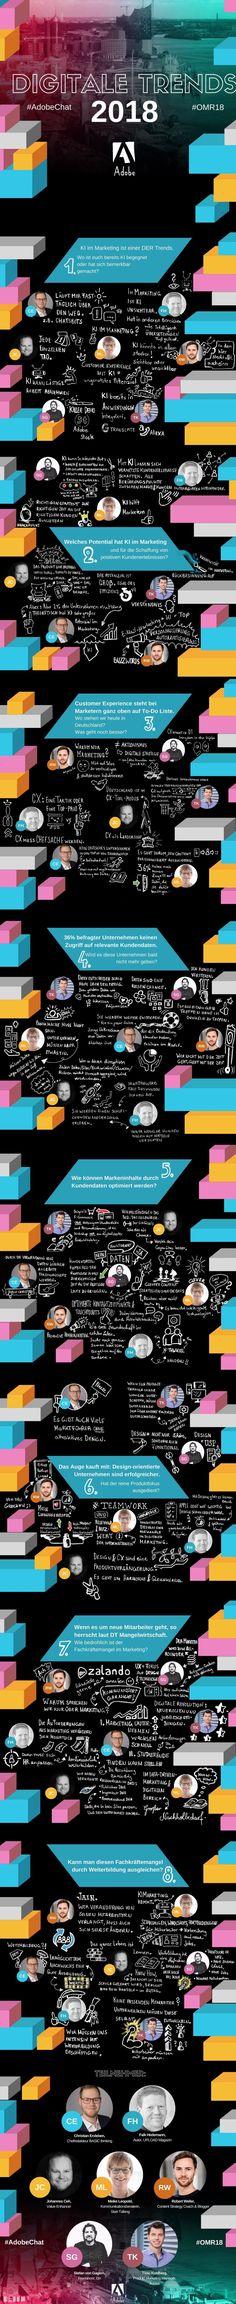 """""""Ein #TwitterChat ist eine moderne Kommunikationsform, bei der ein Thema zu einer vereinbarten Zeit öffentlich und live auf der Microblogging-Plattform Twitter diskutiert wird. Events wie die #OMR18 sind immer auch ein Treffpunkt der Digitalbranche und bieten nicht nur einen perfekten Kontext, sondern auch die Chance, Kommunikationsexperten aus verschiedenen Bereichen an einen Tisch zu holen.""""  - Falk Hedemann #Marketing #DigitalesMarketing #Kommunikation #Sketchnote"""